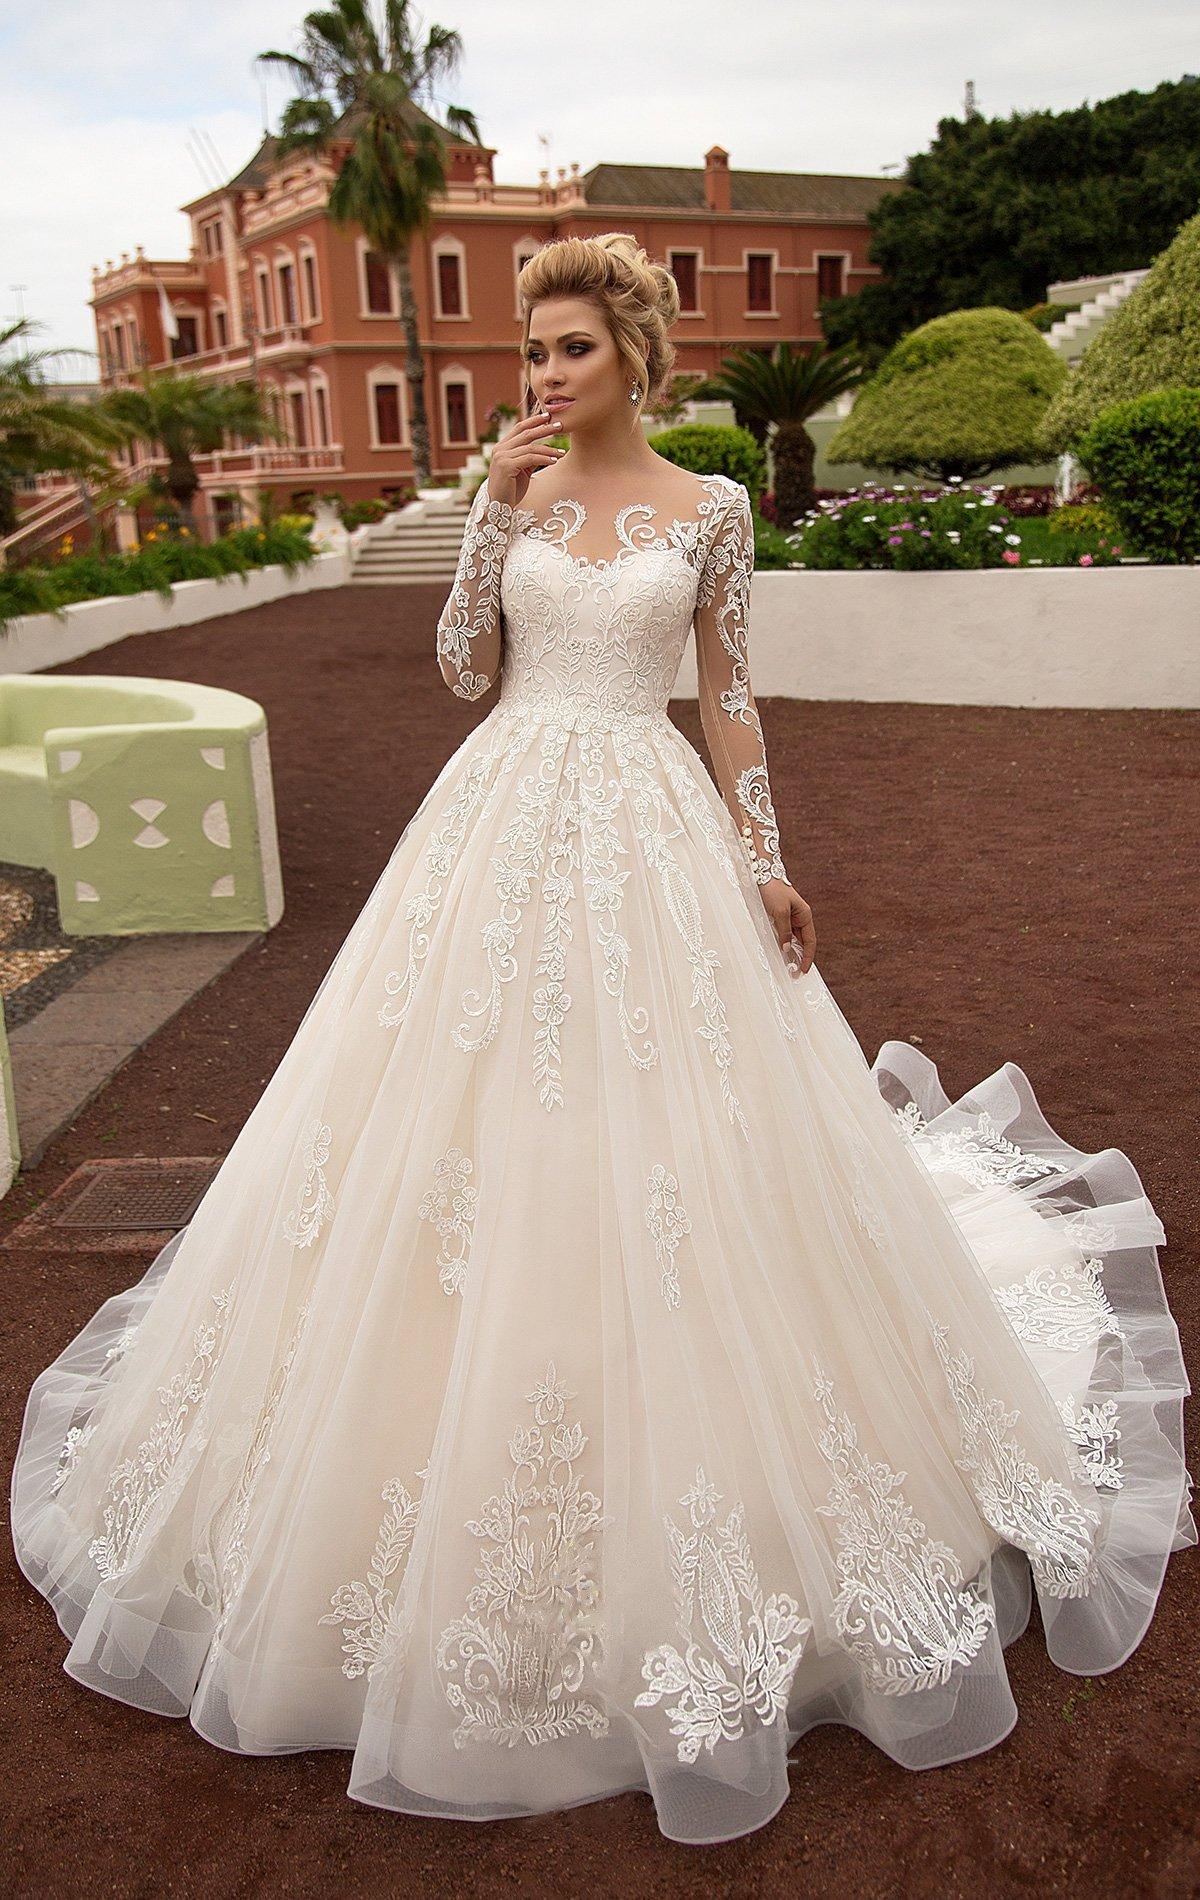 1bb3f4ae557 Свадебное платье цвета слоновой кости с деликатным белым кружевом и длинным  рукавом.